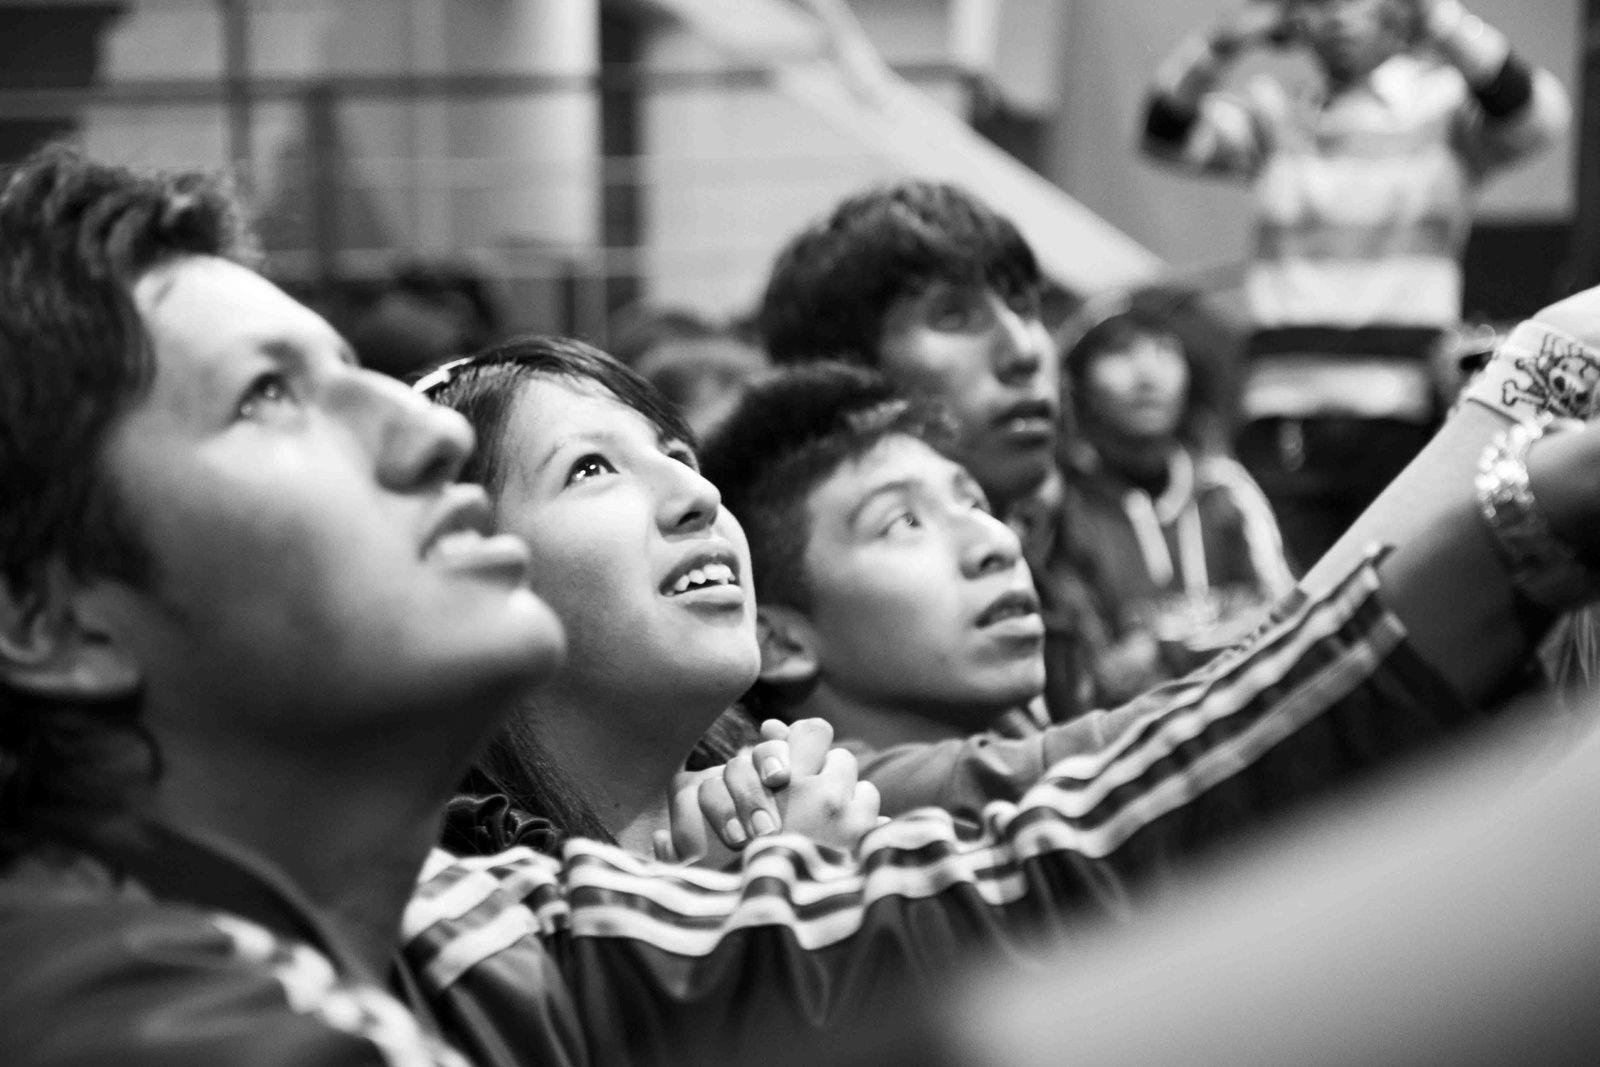 ANIME NO SEKAI 2014 - Anime Event - La Paz - Bolivia